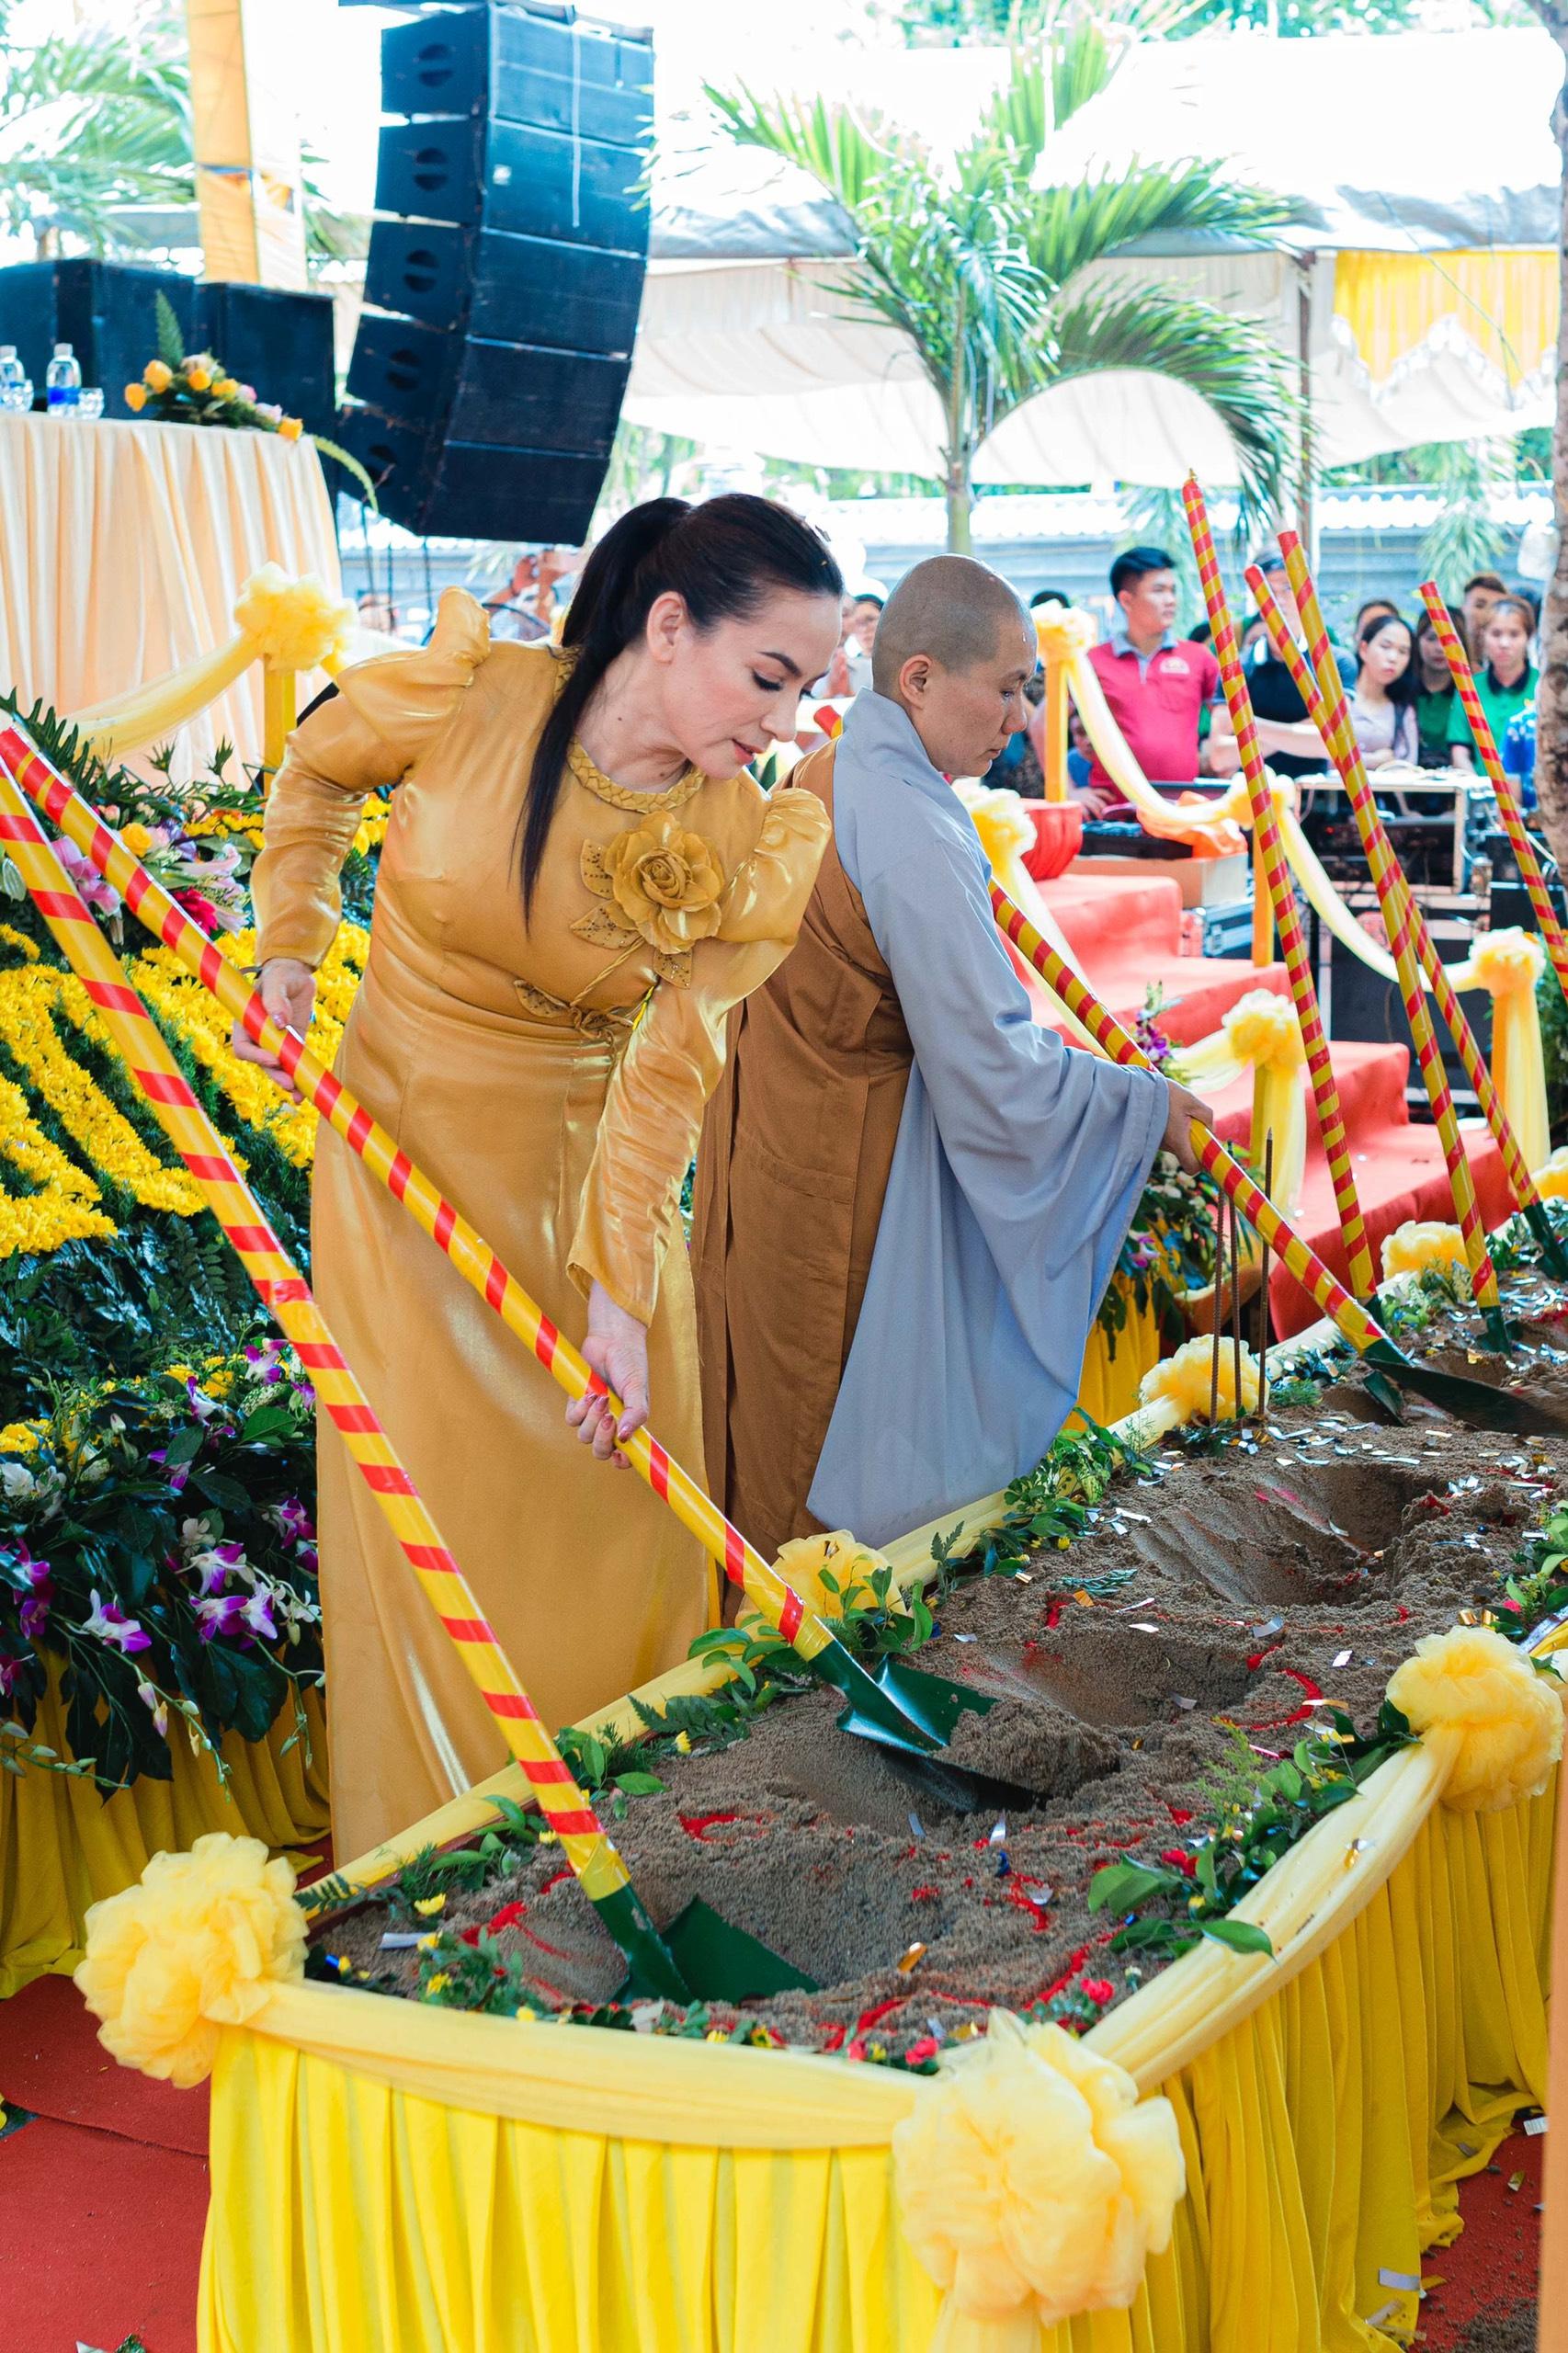 Mái ấm của ca sĩ Phi Nhung ở chùa Pháp Lạc, tỉnh Bình Phước: 13 con nuôi cùng mang họ Phạm - Ảnh 6.